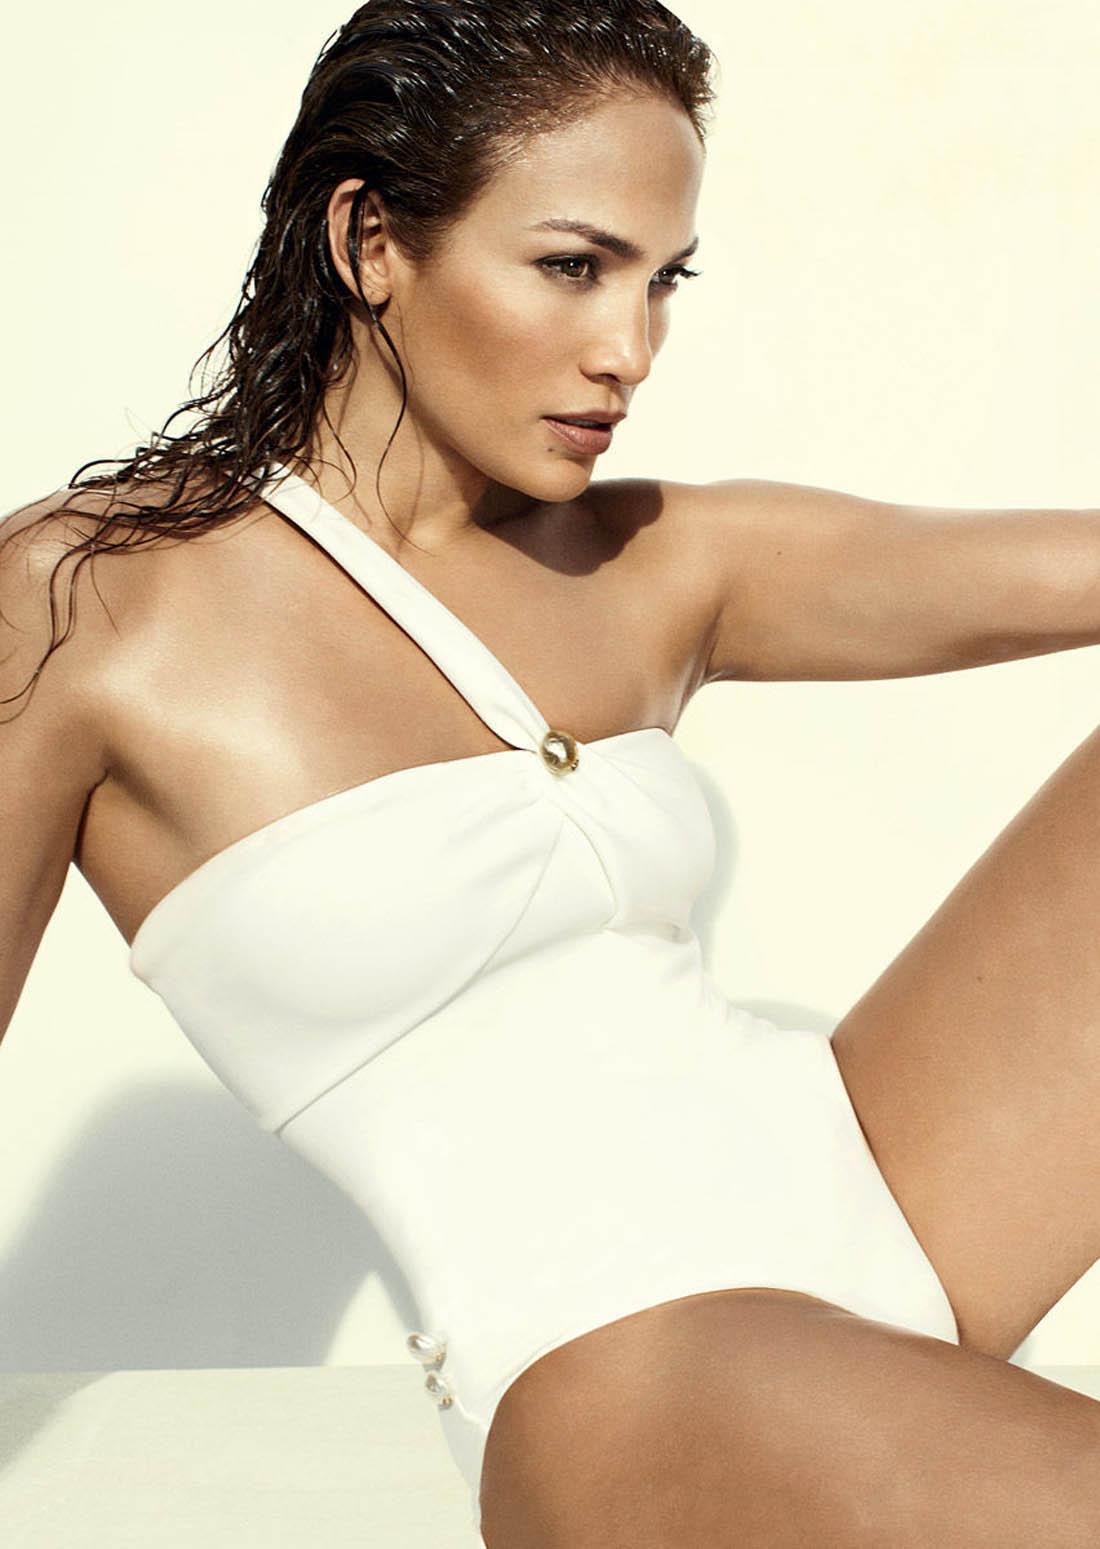 http://3.bp.blogspot.com/-iF6At2v8g-0/T9QichWWEfI/AAAAAAAAU3A/ldB57f06OB0/s1600/Jennifer-Lopez_0612-5.jpg